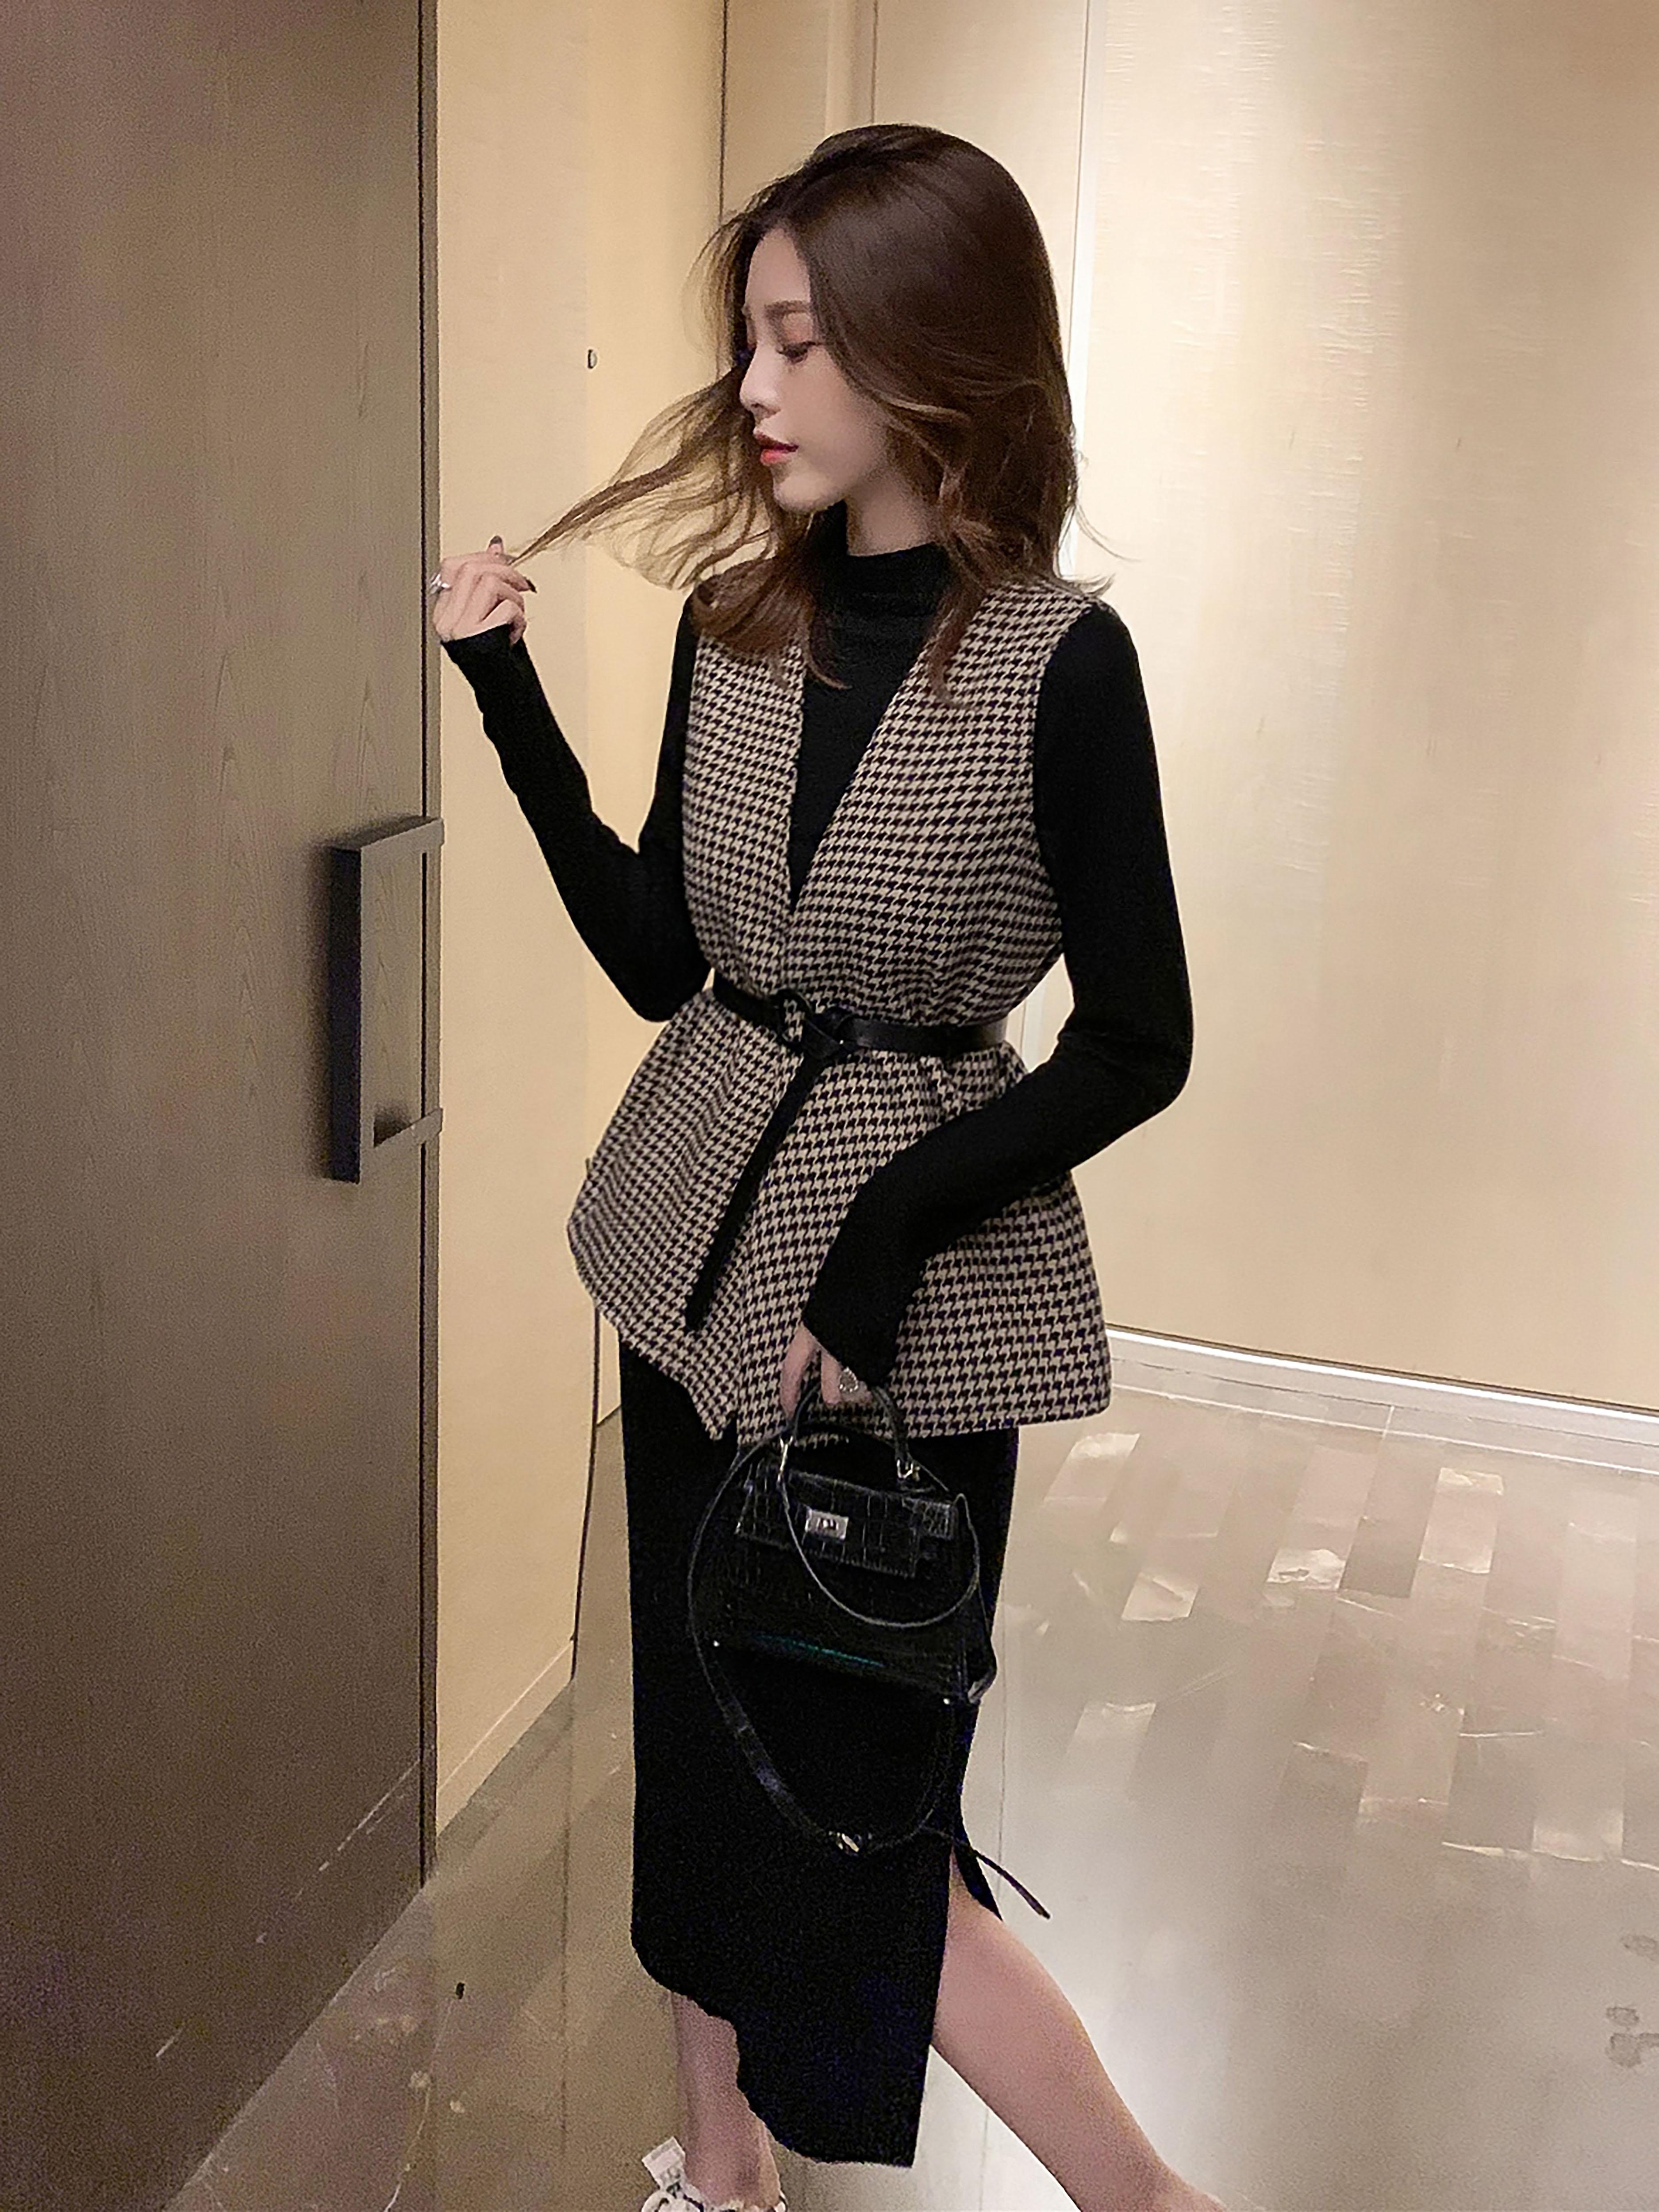 秋季新款韩版黑色打底衫系带马甲两件套复古百搭洋气上衣时尚套装